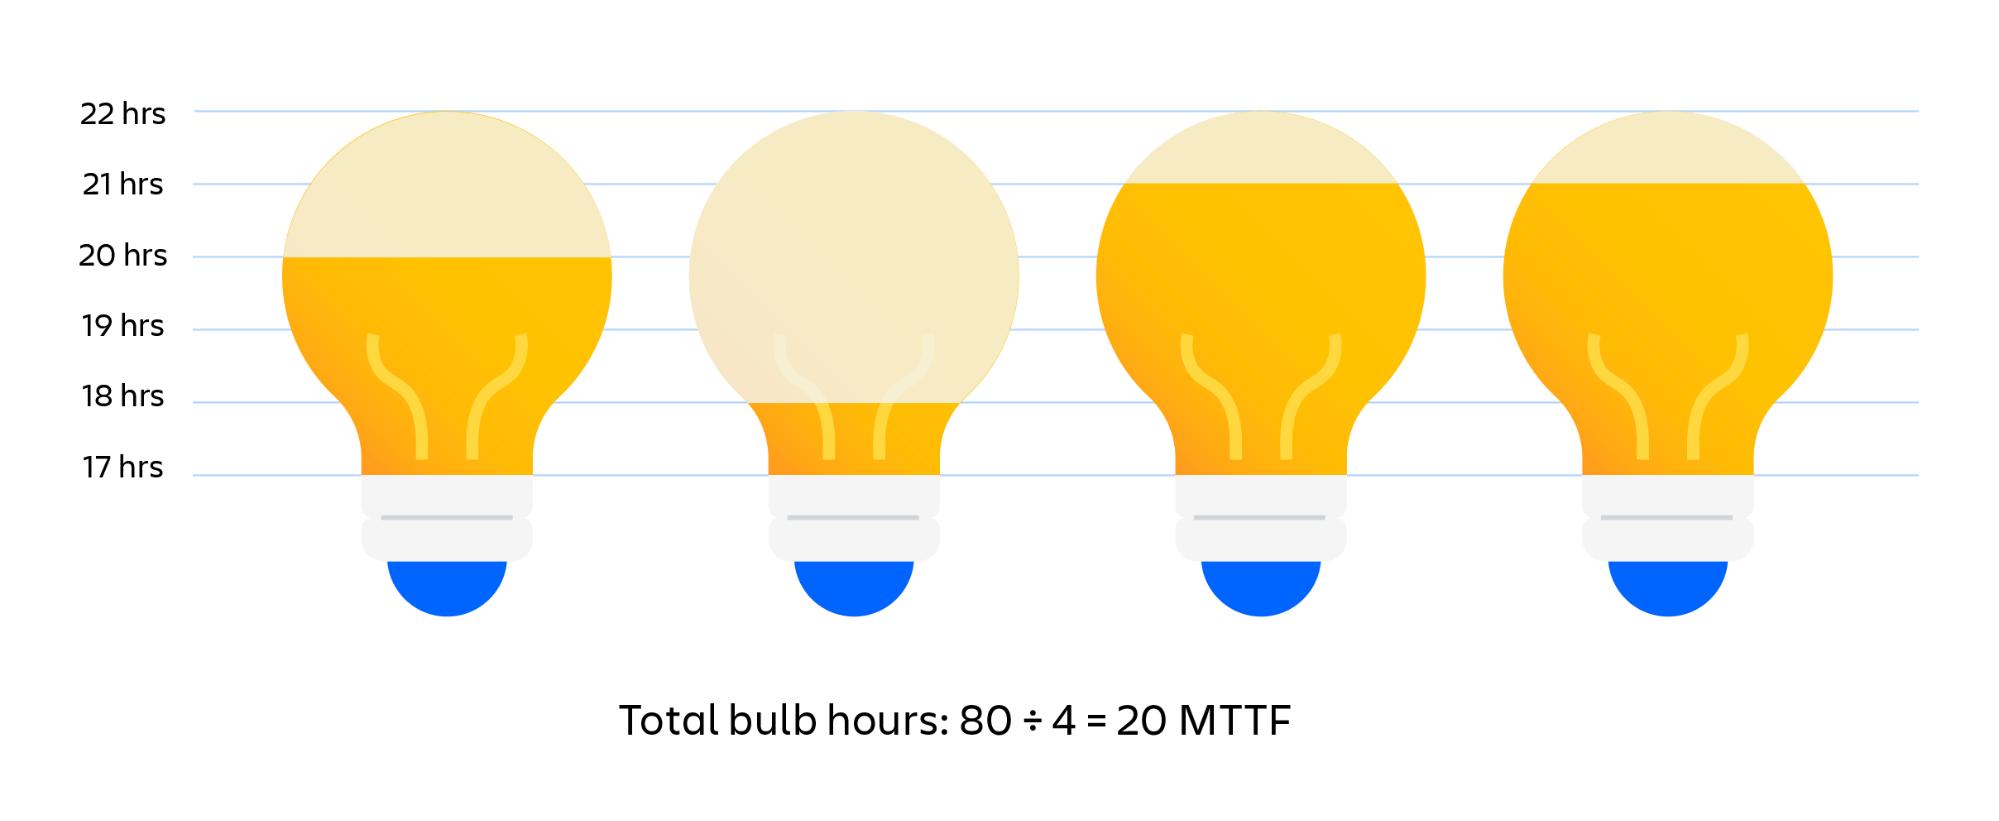 電球の MTTF の計算の視覚的な例。電球の総使用時間を電球数で割った値は、MTTF (平均故障時間) と同じです。